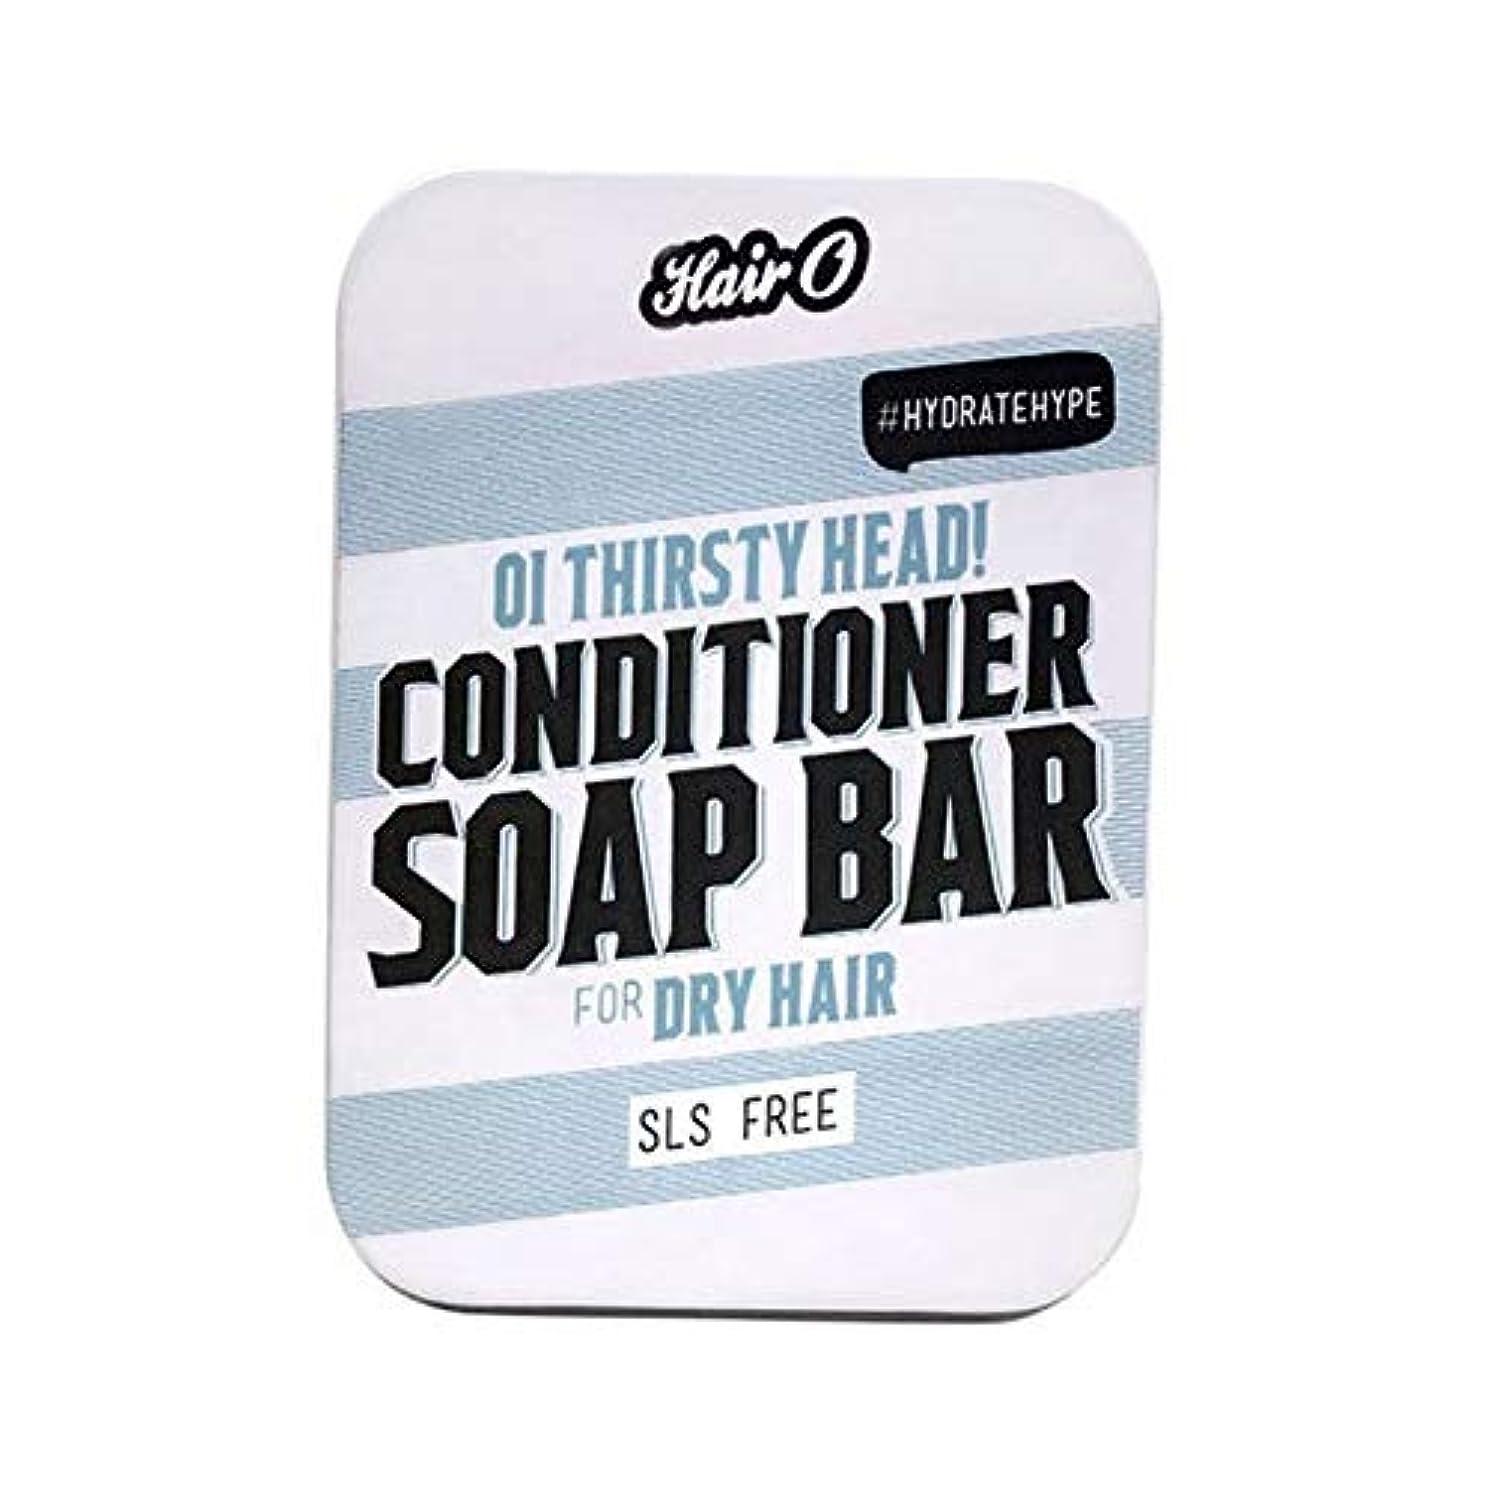 ワーカー有害規模[Hair O ] 大井のどが渇いヘッドコンディショナーソープバー100グラムO毛 - Hair O Oi Thirsty Head Conditioner Soap Bar 100g [並行輸入品]